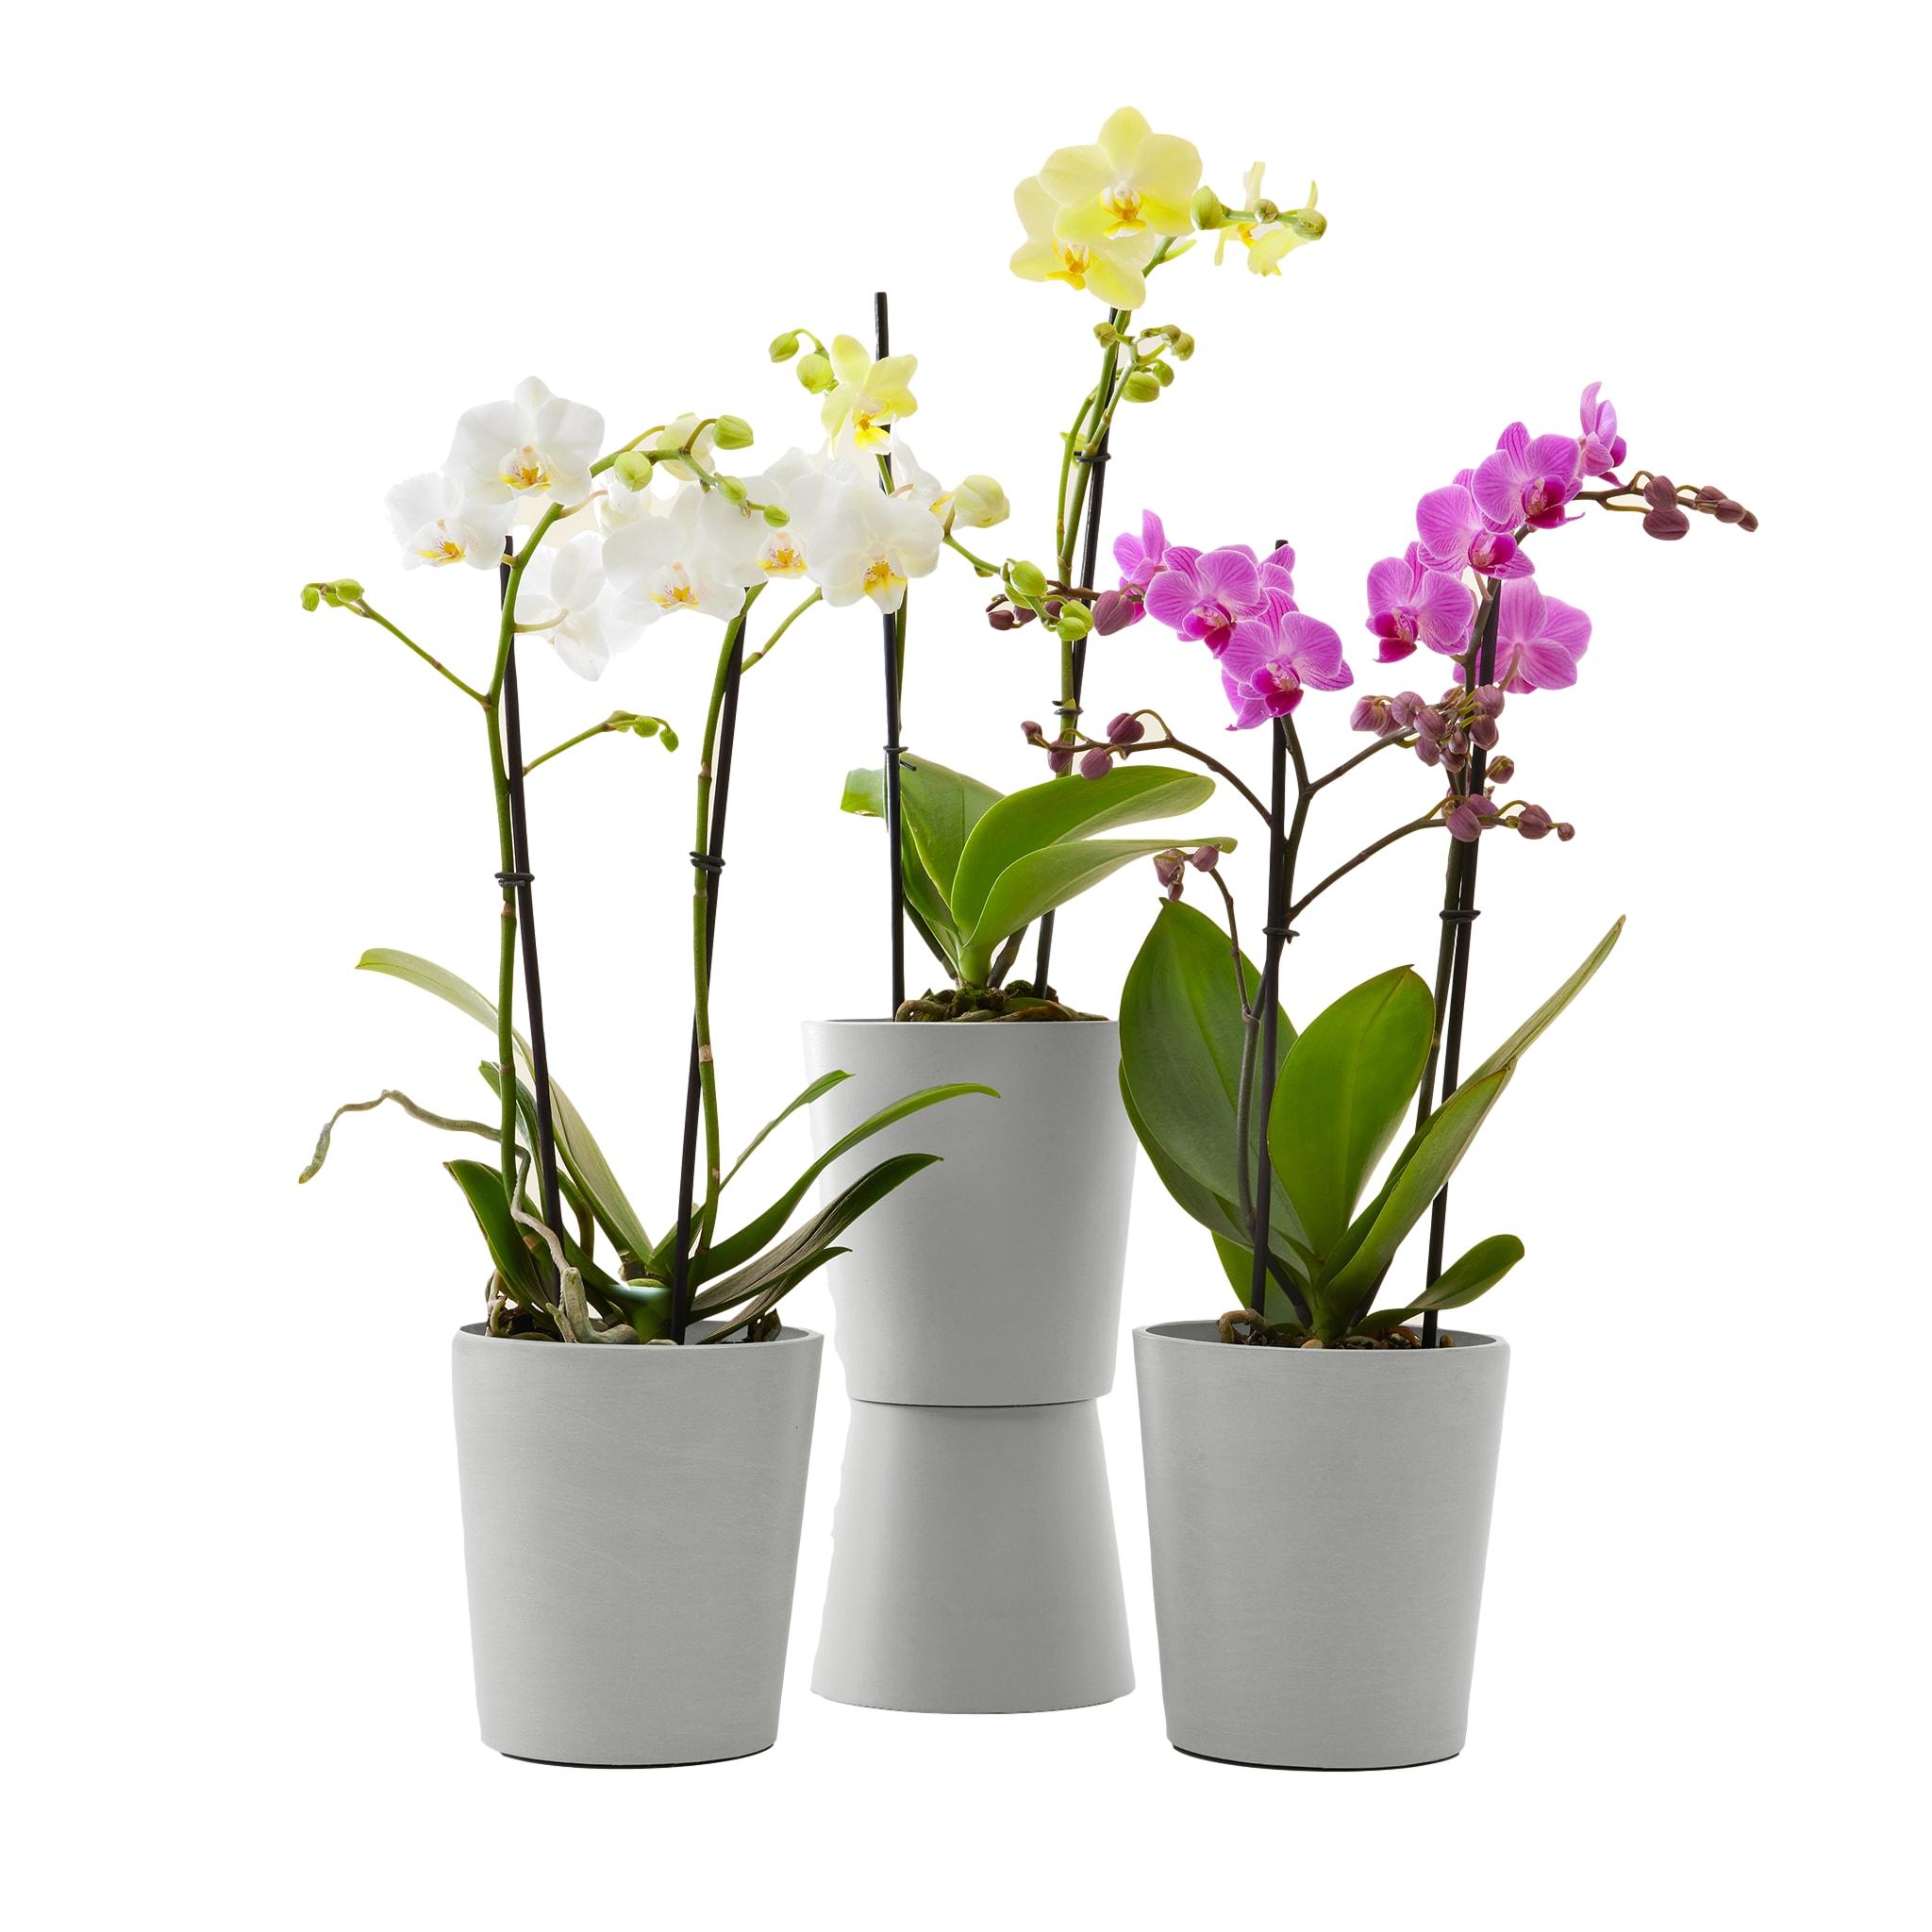 Plante - Trio d'orchidées de 50 cm en pot blanc gris